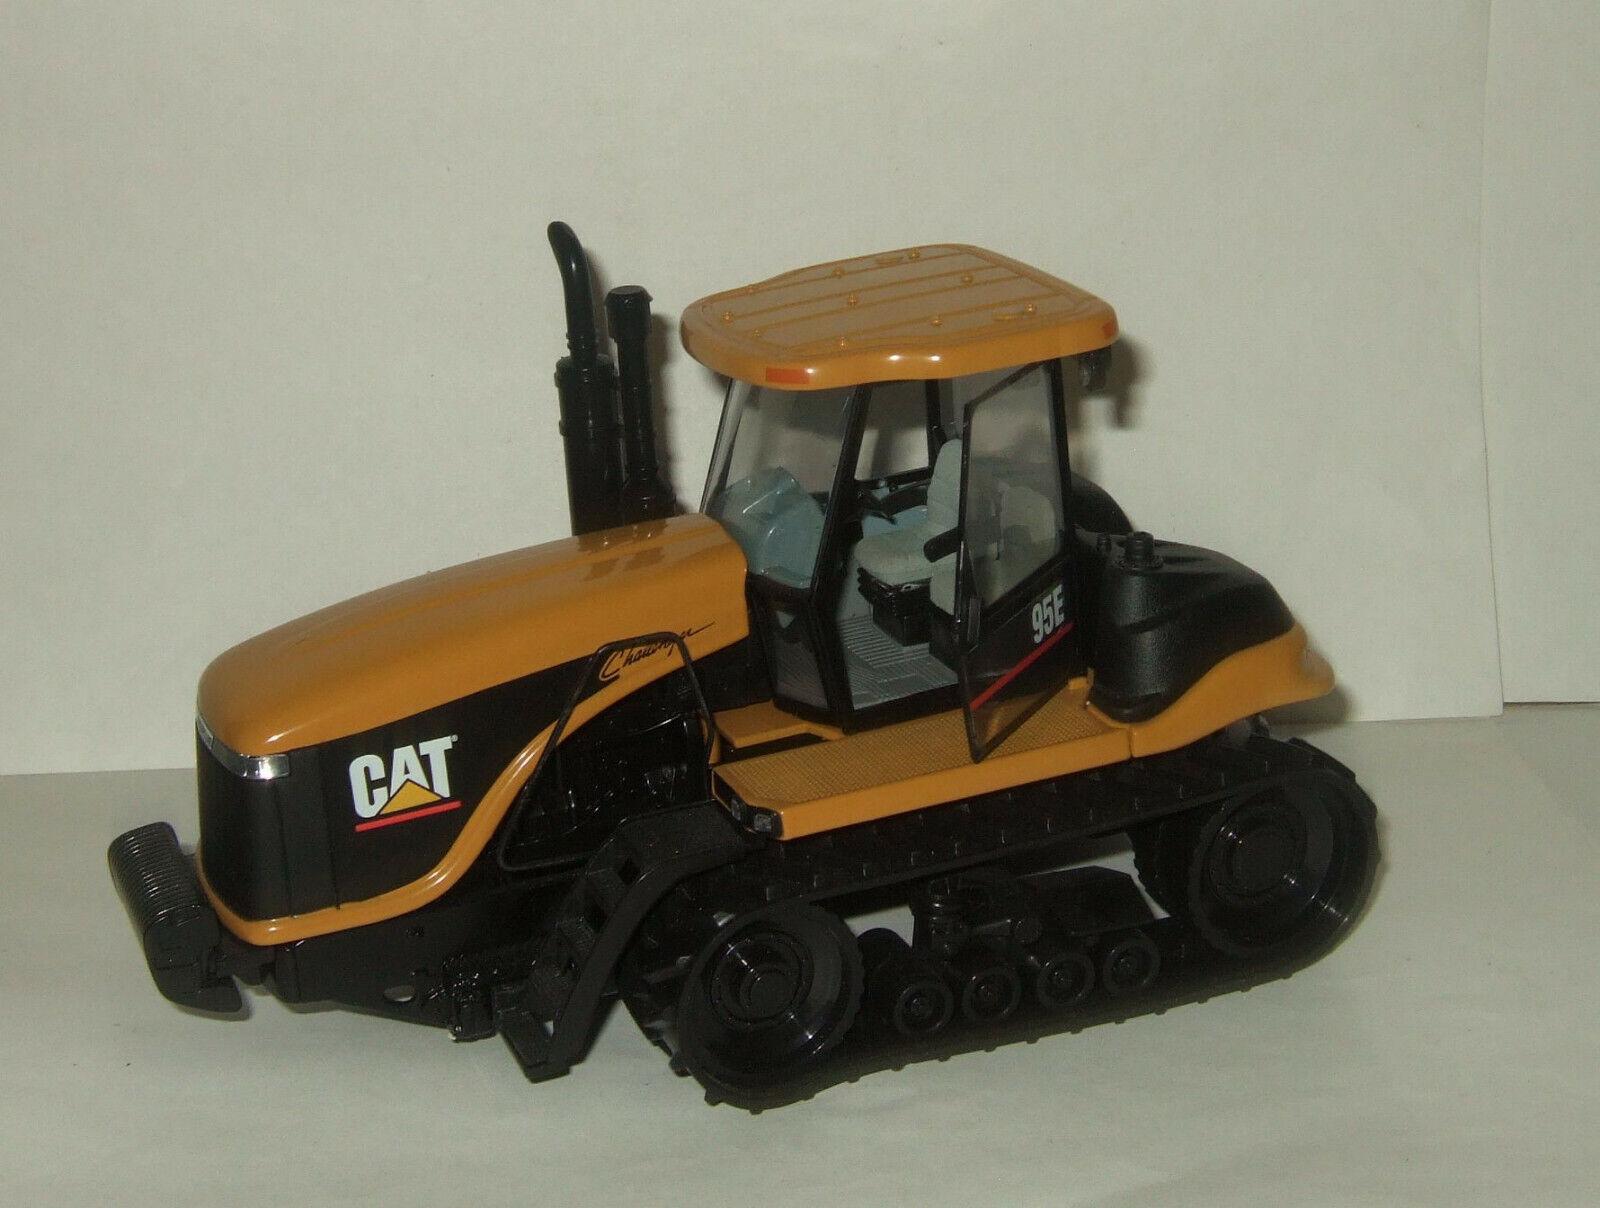 1:32 Norscot CATERPILLAR Agricultural 95 e Tractor 2013 55001